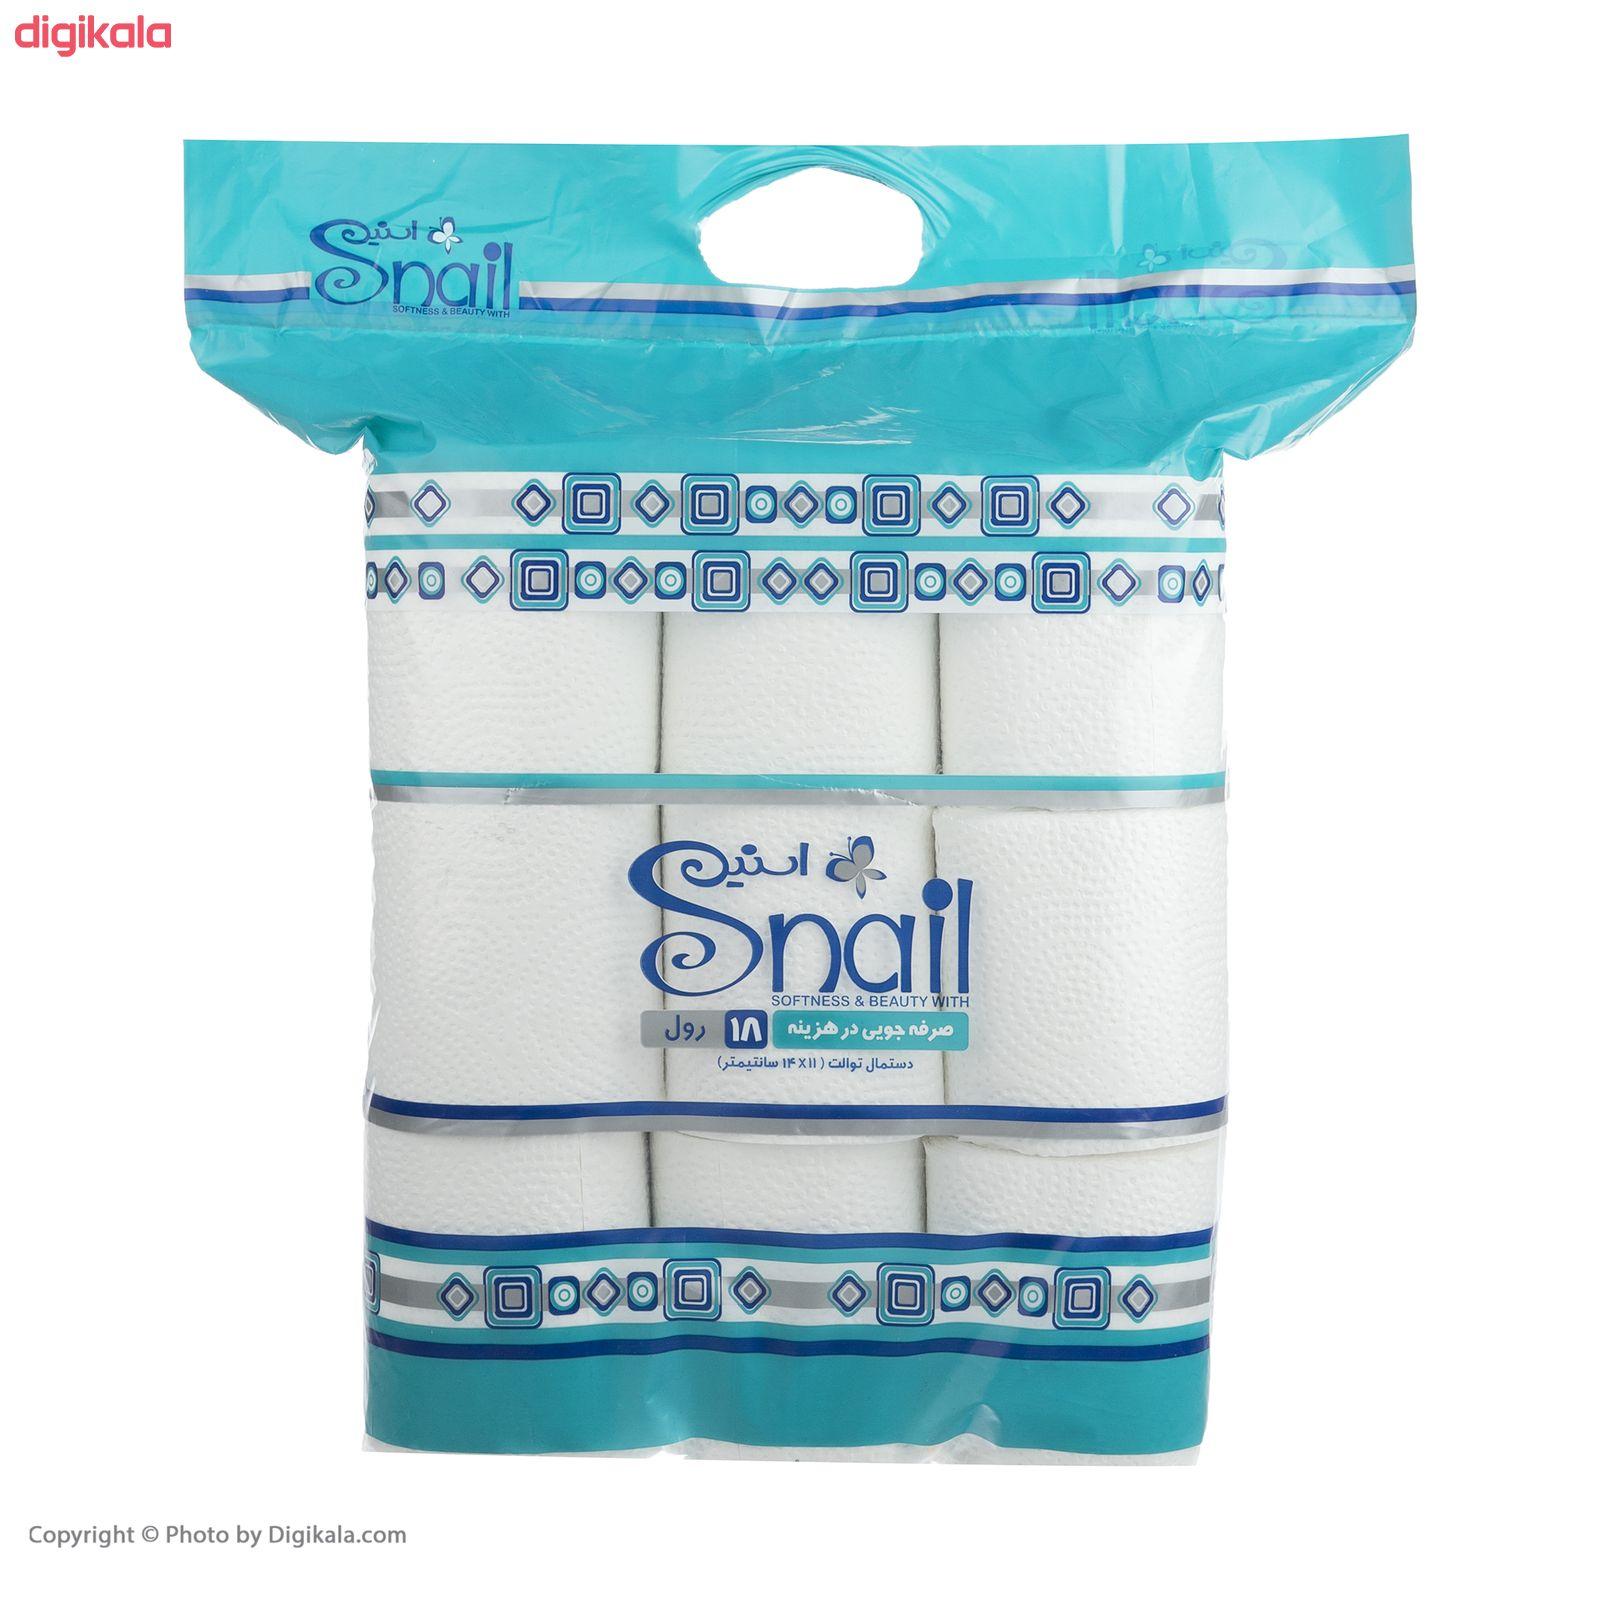 دستمال توالت اسنیل کد 01 بسته 18 عددی main 1 2